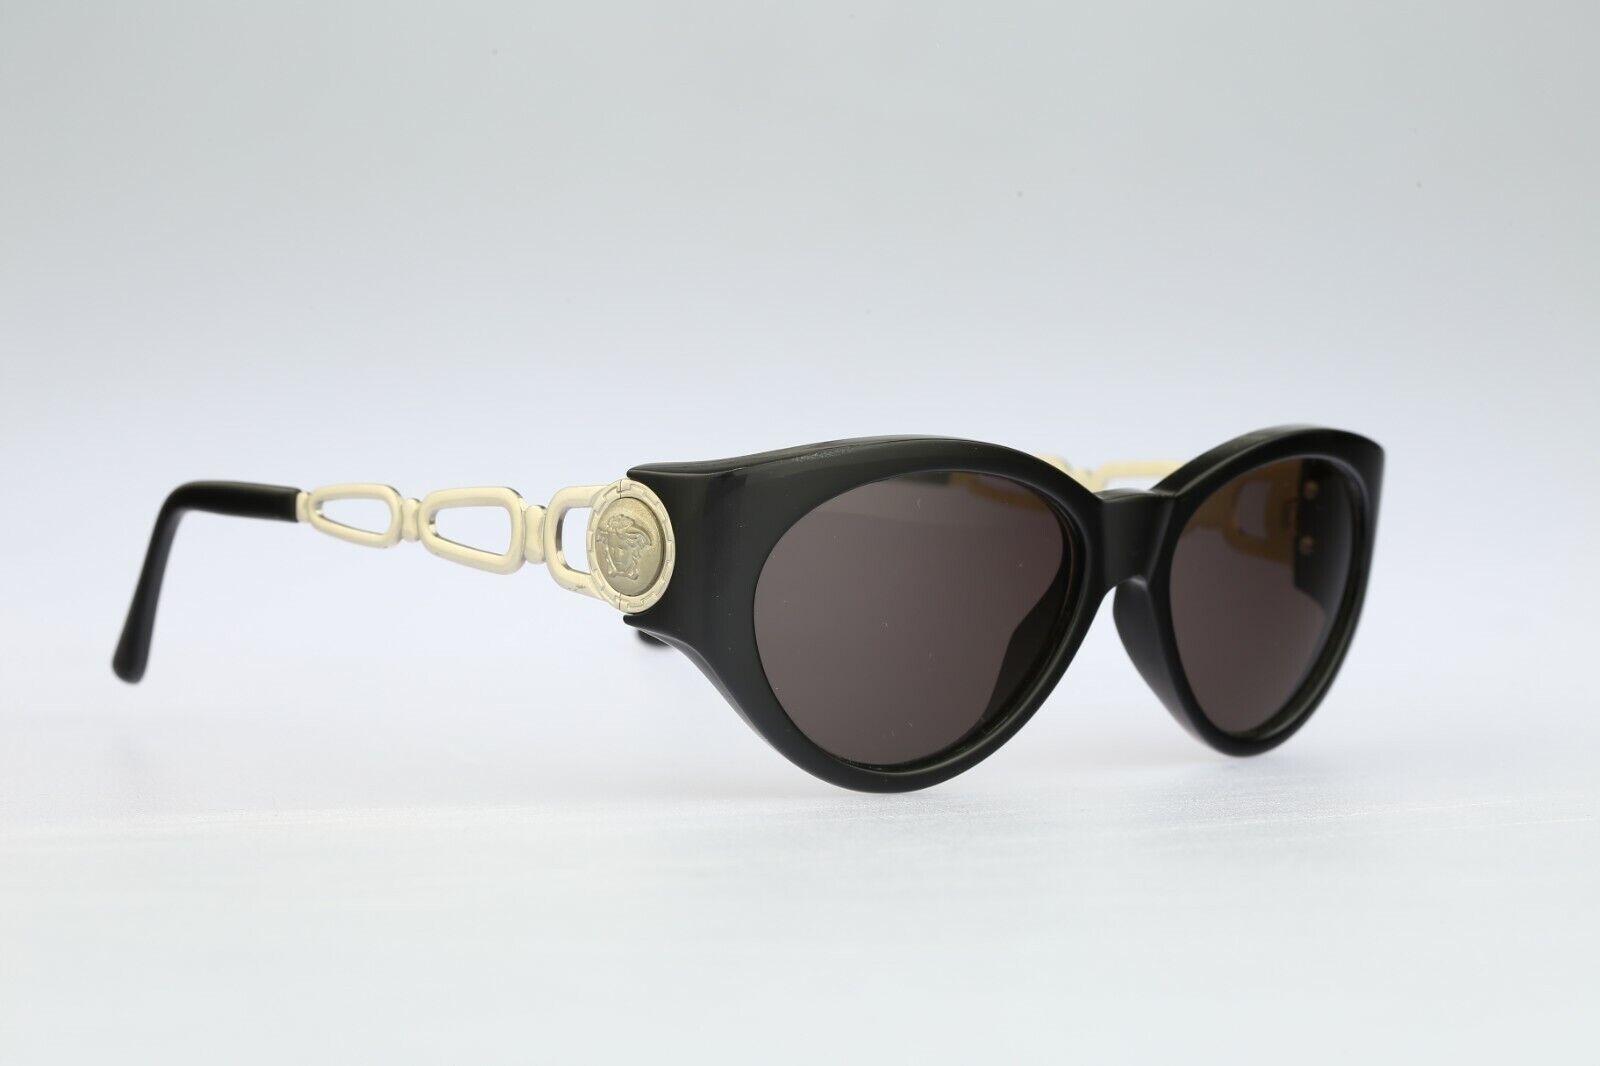 Gianni Versace 490 N52, 90s Vintage cat eye sungl… - image 2